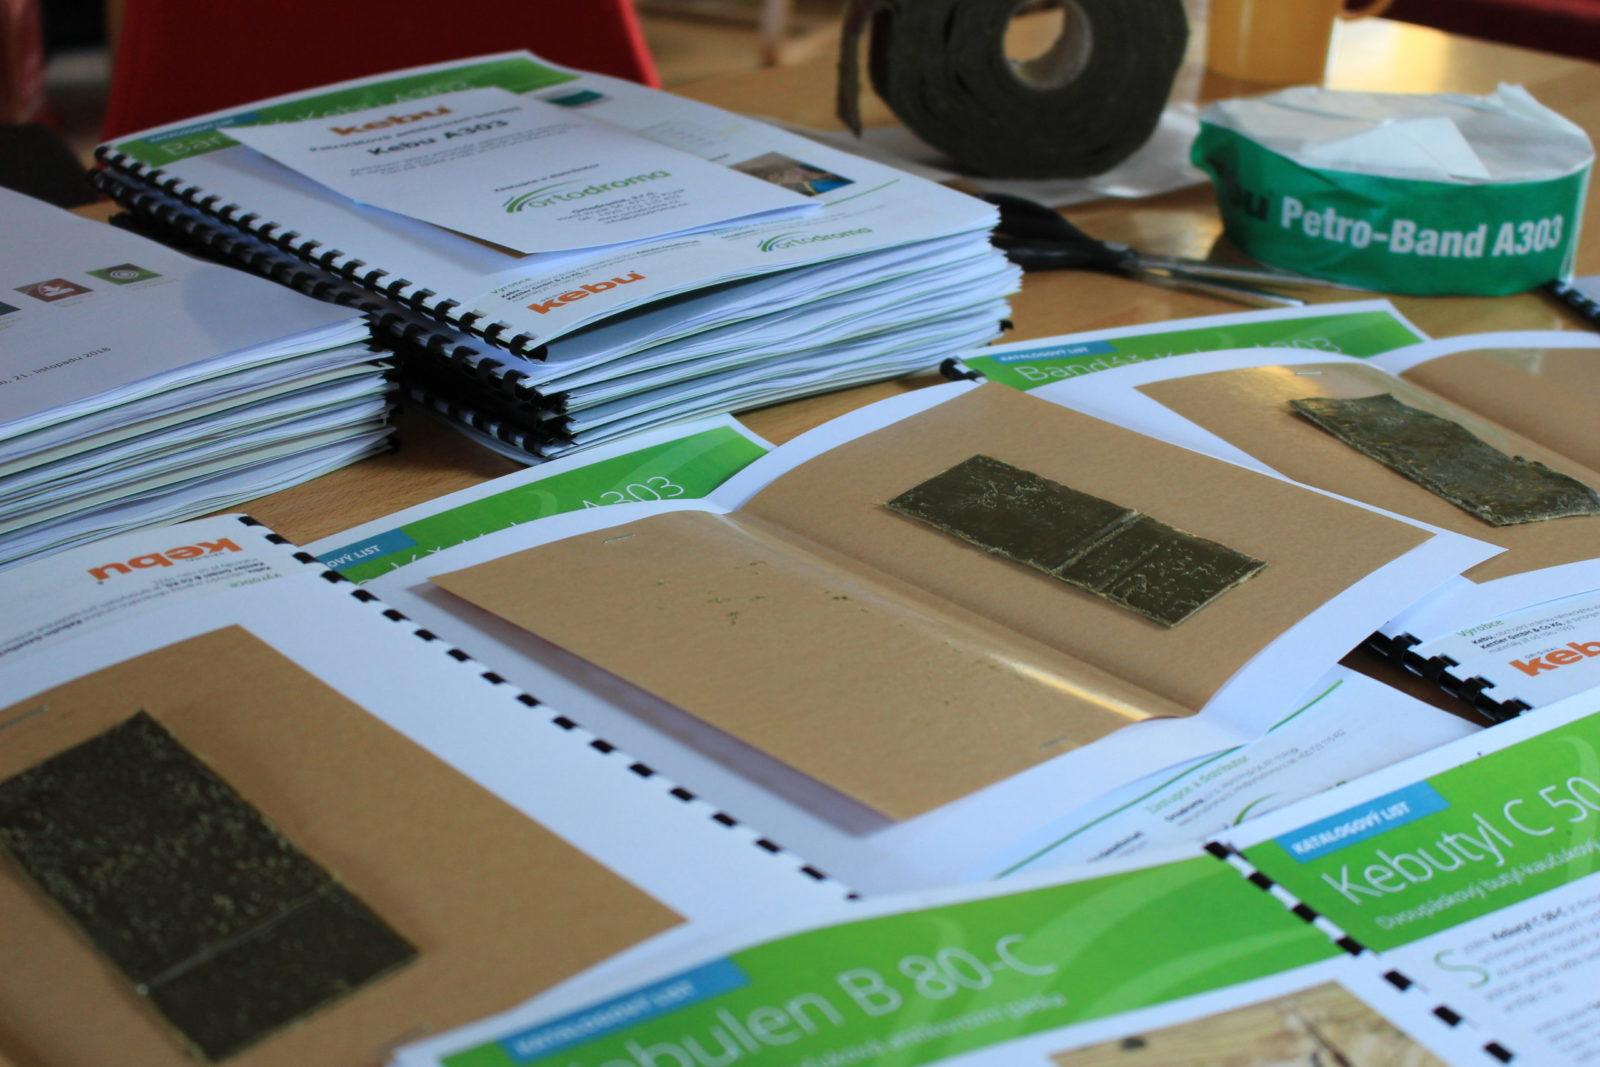 Příprava školících materiálů -- Kebu A303